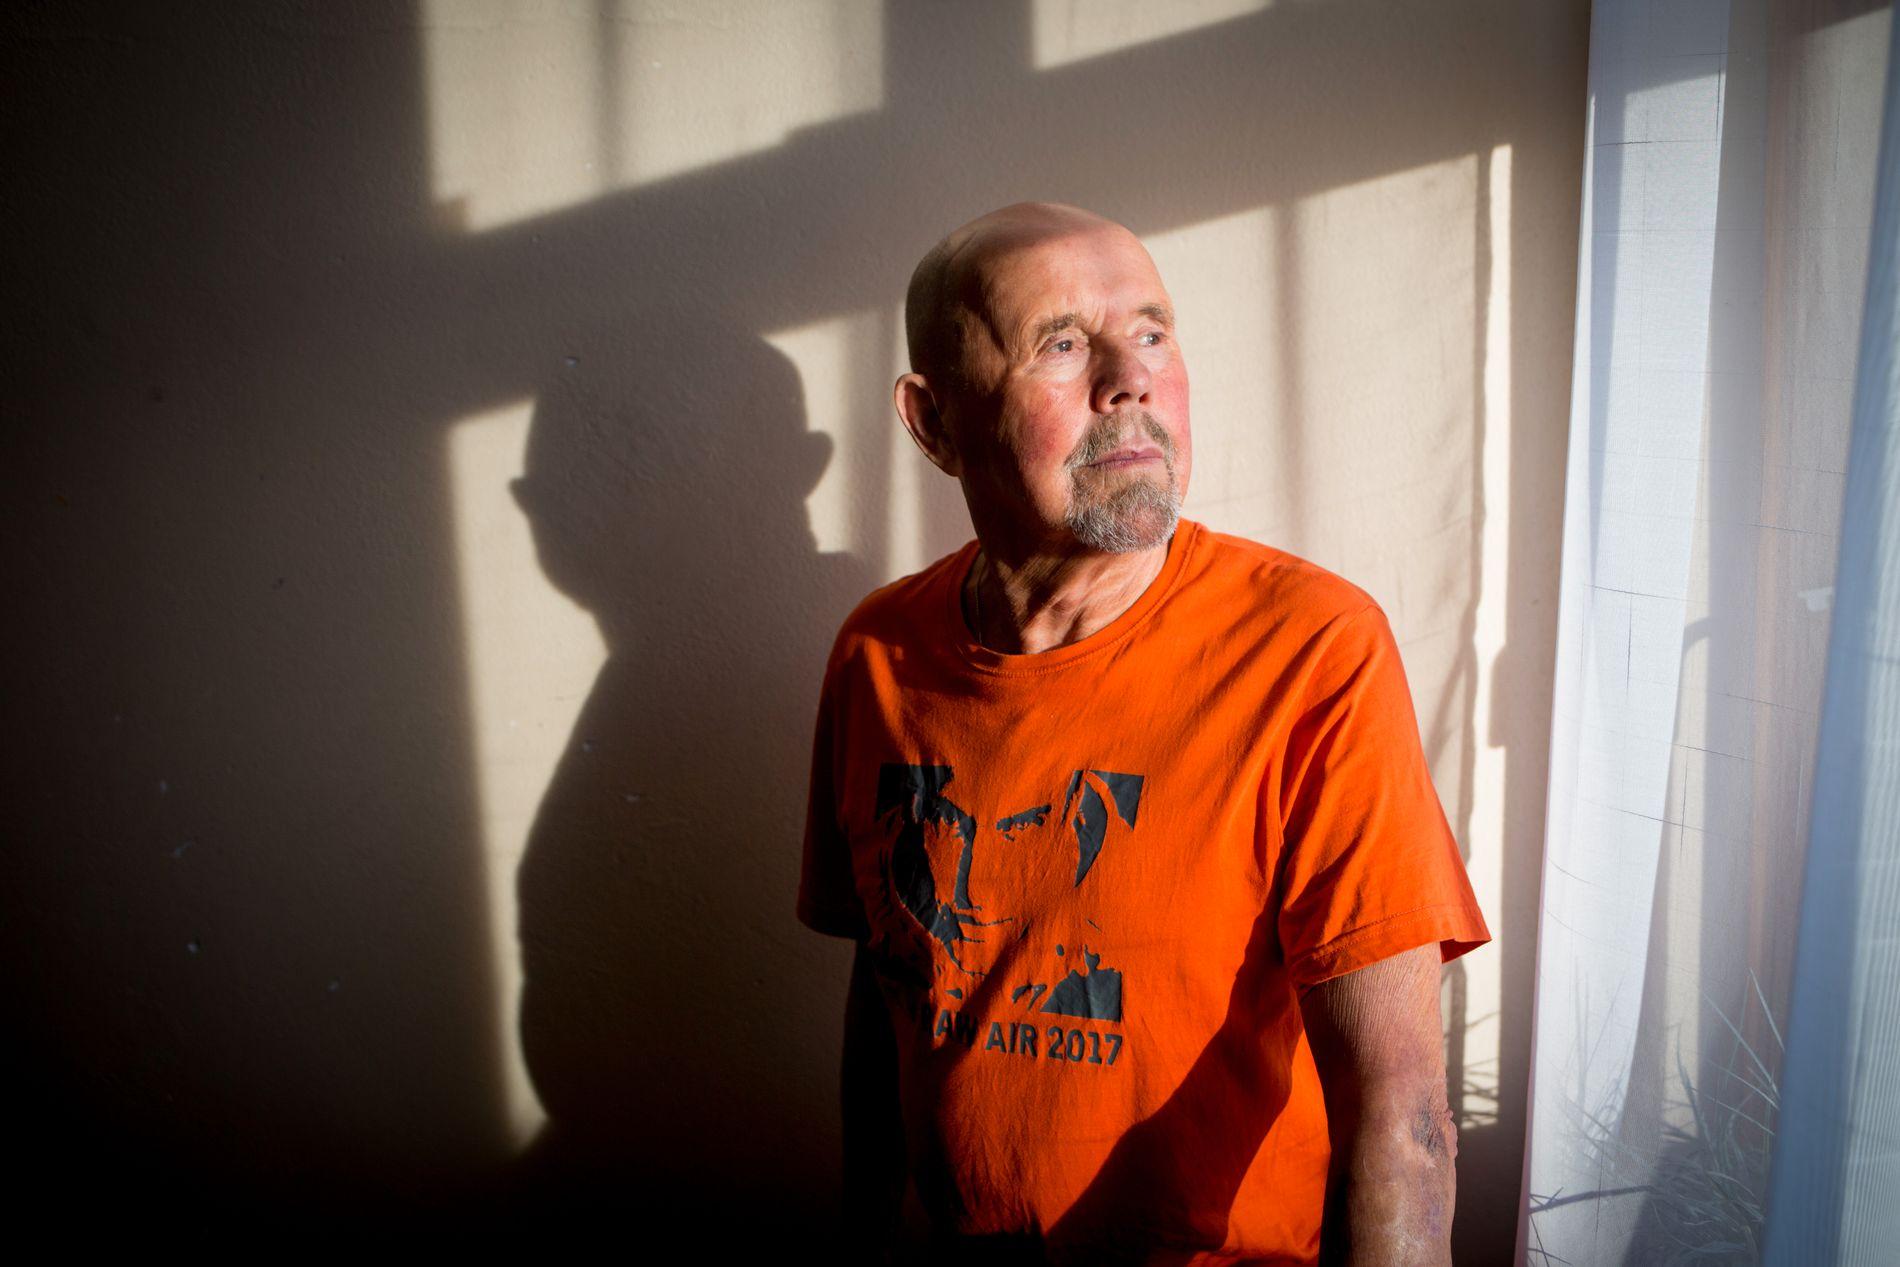 DYRE SMERTER: Helge Kronborg forteller at han har brukt 100.000 kroner av egen lomme for å kurere smertene han har slitt med i 14 år – uten at det har hjulpet.